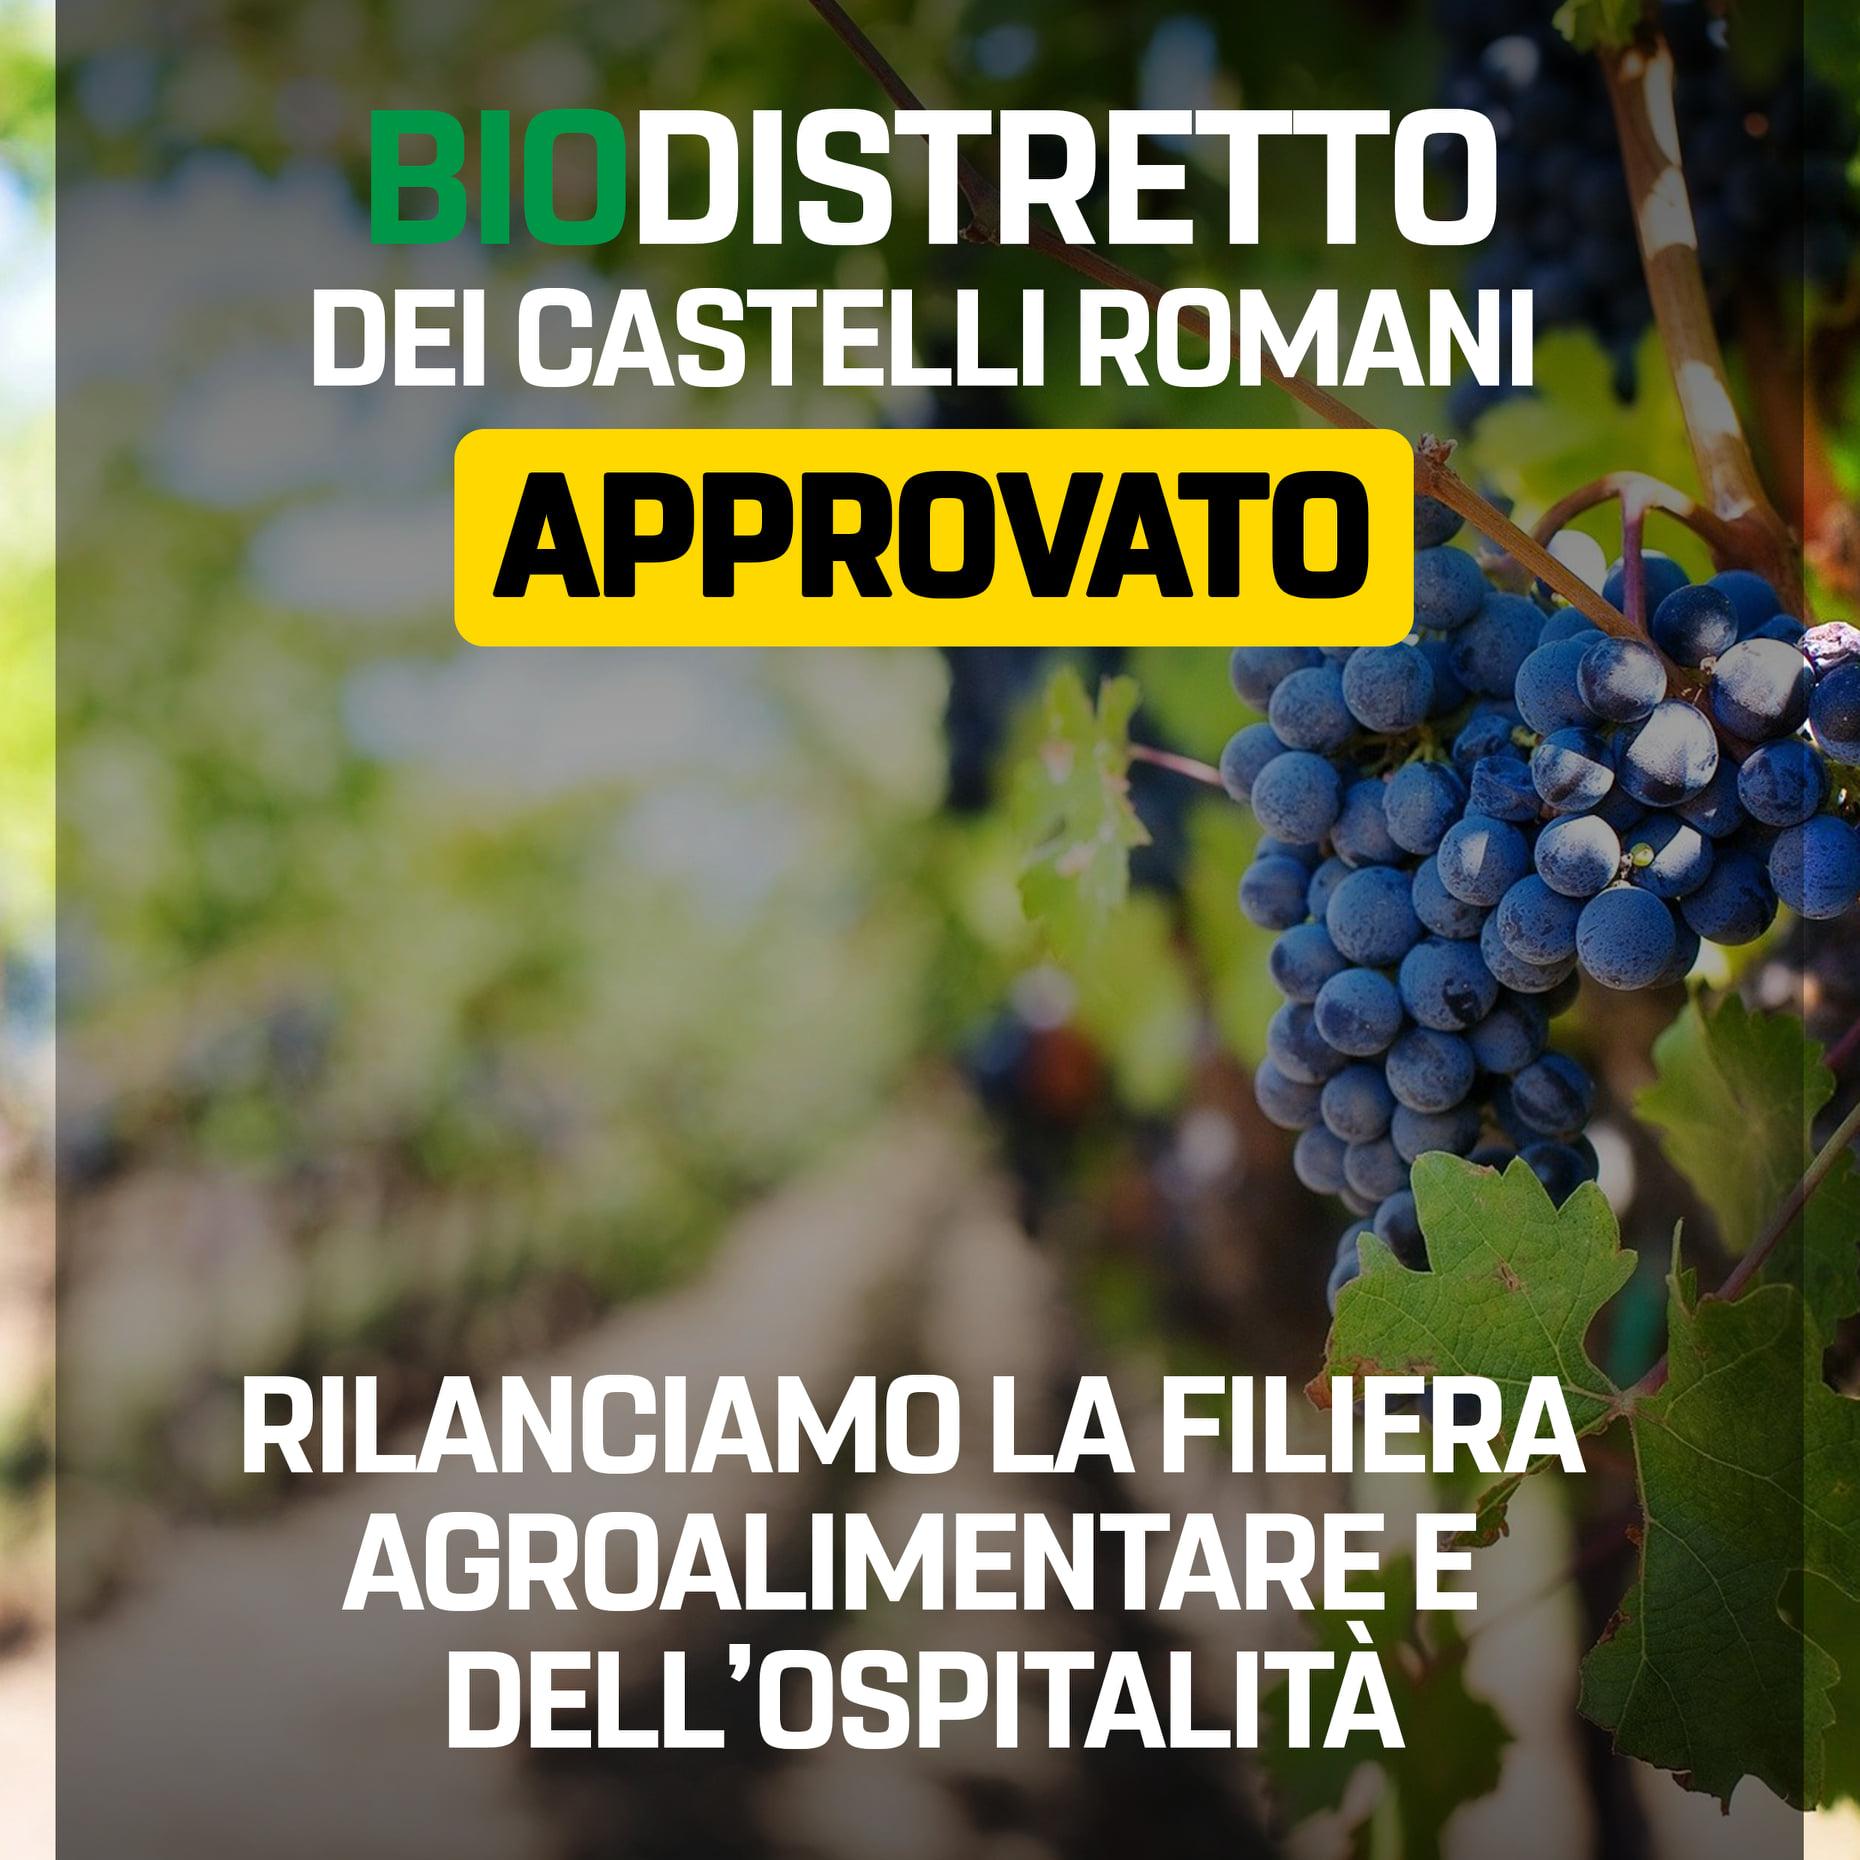 Marino, Biodistretto dei castelli romani: parte la riscossa della filiera agroalimentare e dell'ospitalità